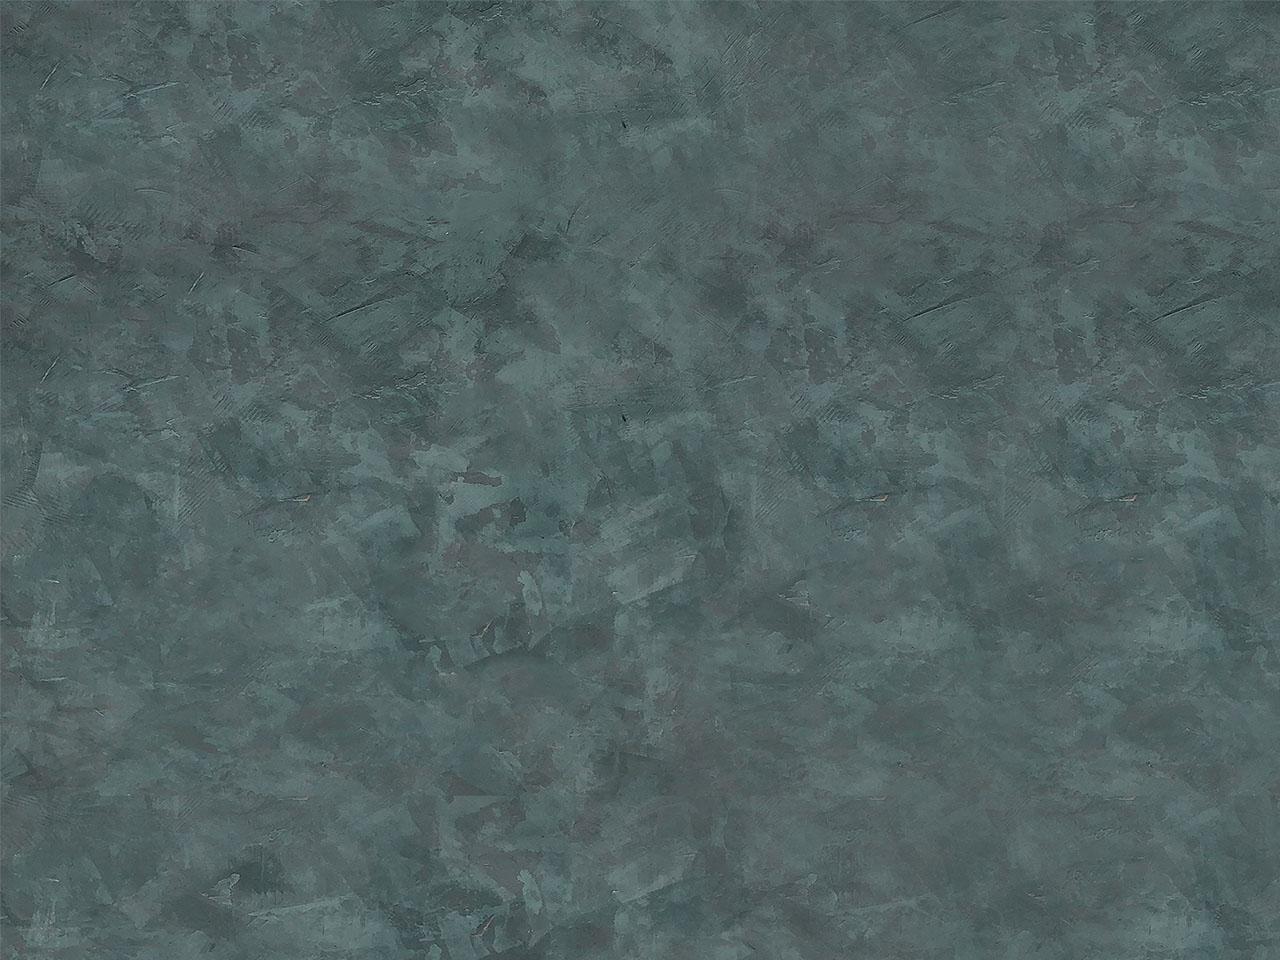 Deep blue stone DBS15 - Conpa concrete texture paint